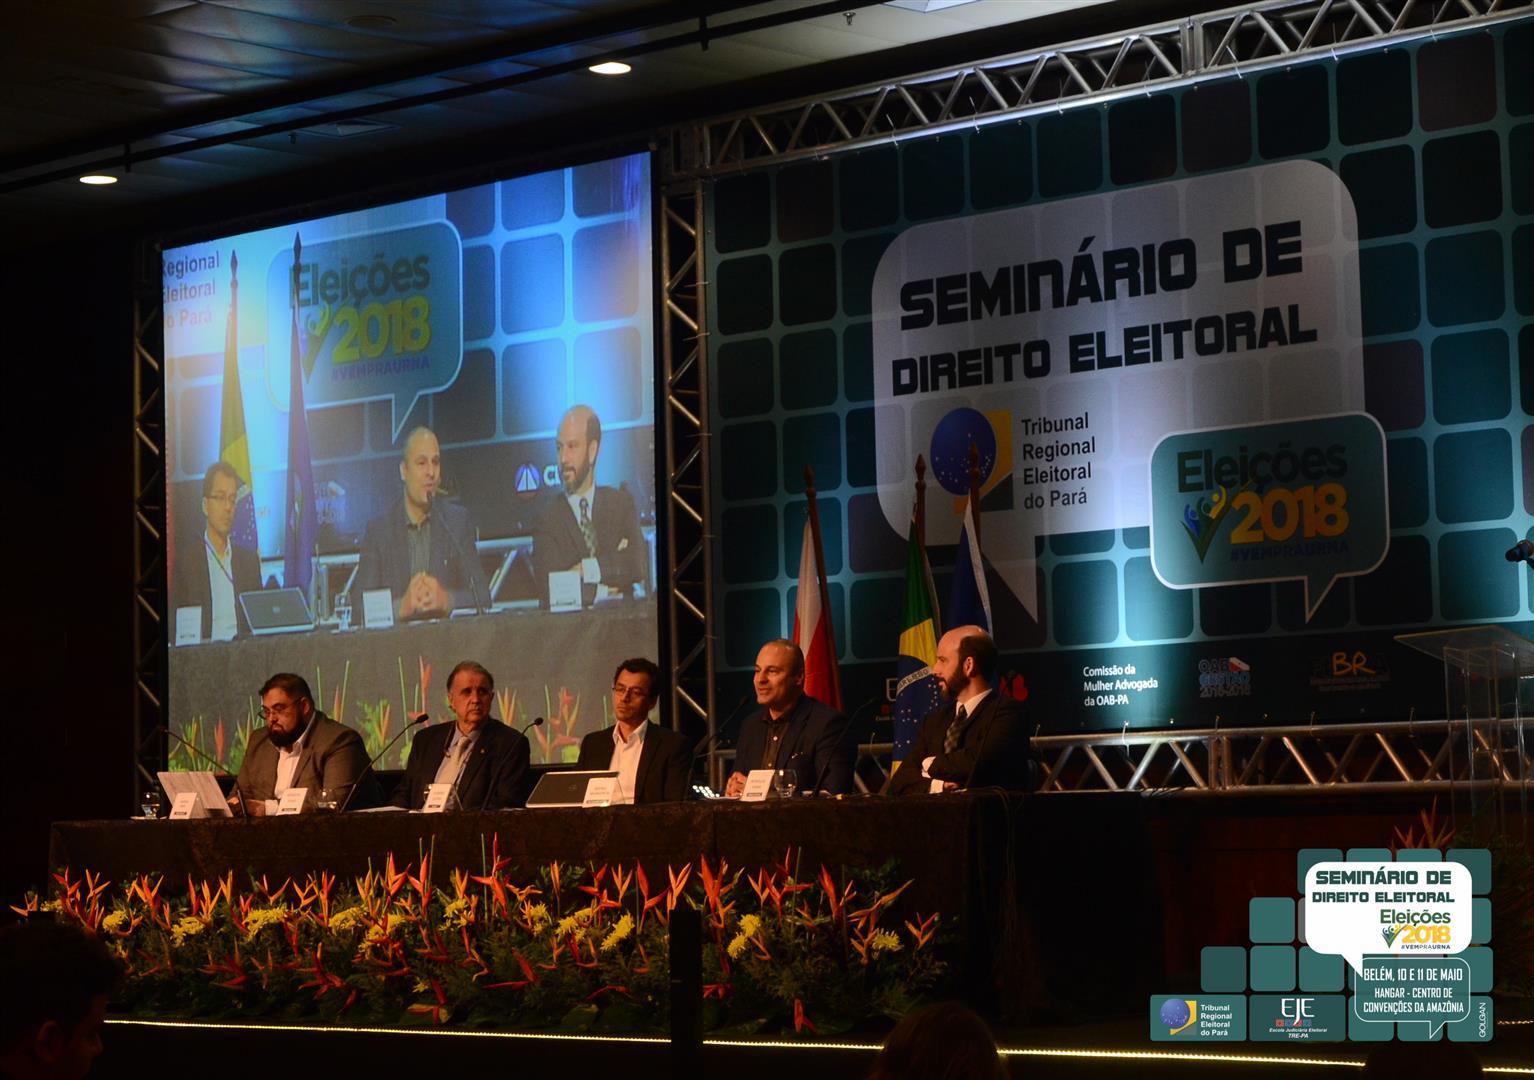 Seminário de Direito Eleitoral-2018